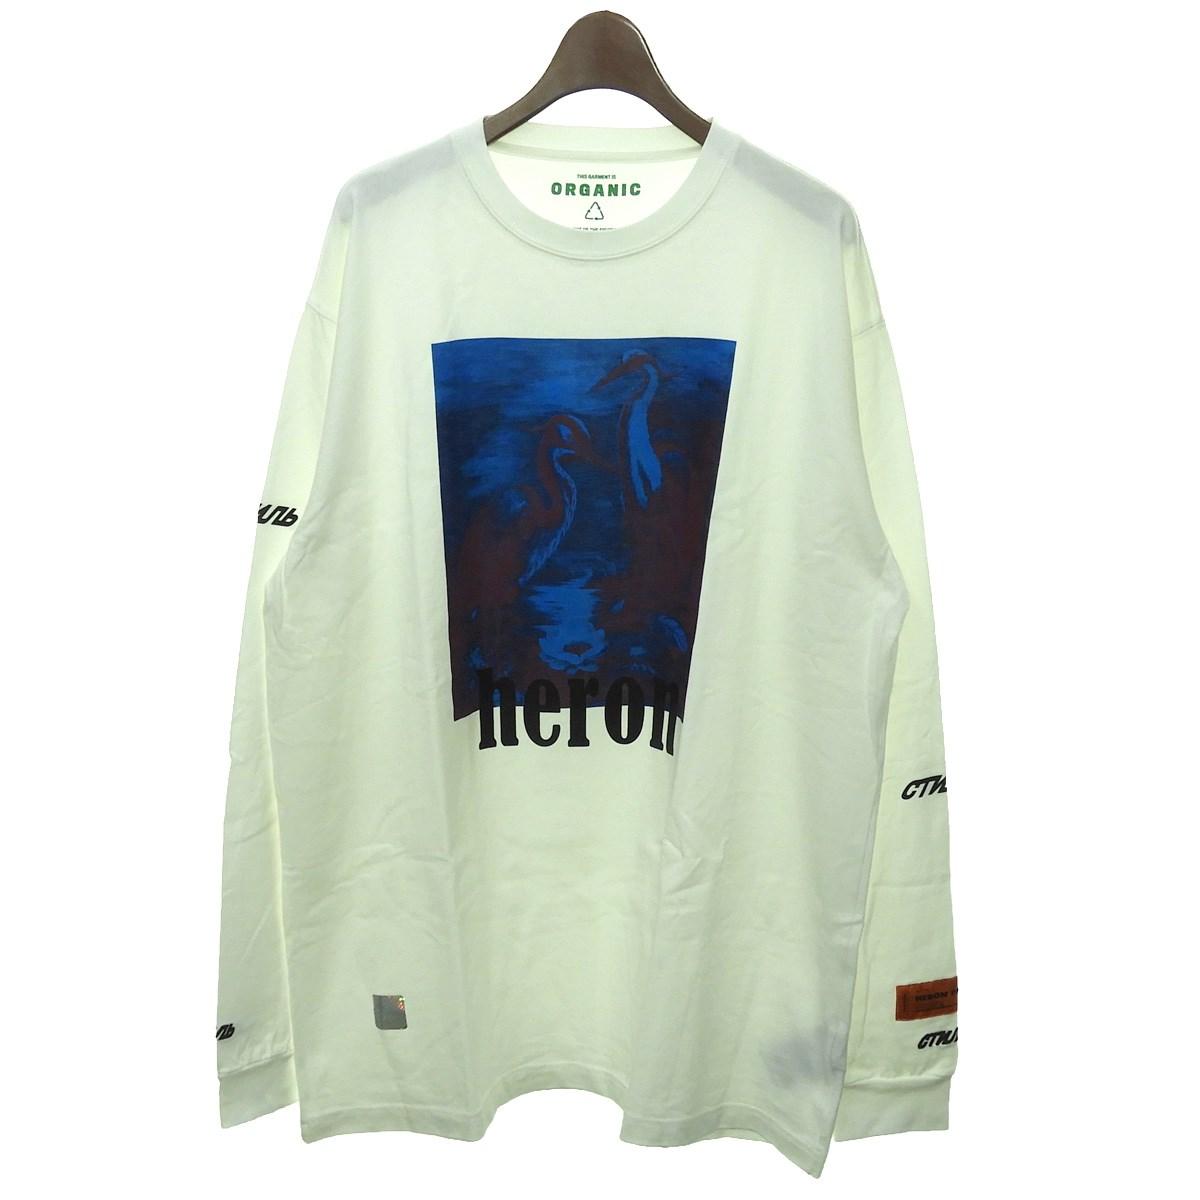 【中古】HERON PRESTON プリント長袖Tシャツ ホワイト サイズ:M 【060320】(ヘロンプレストン)